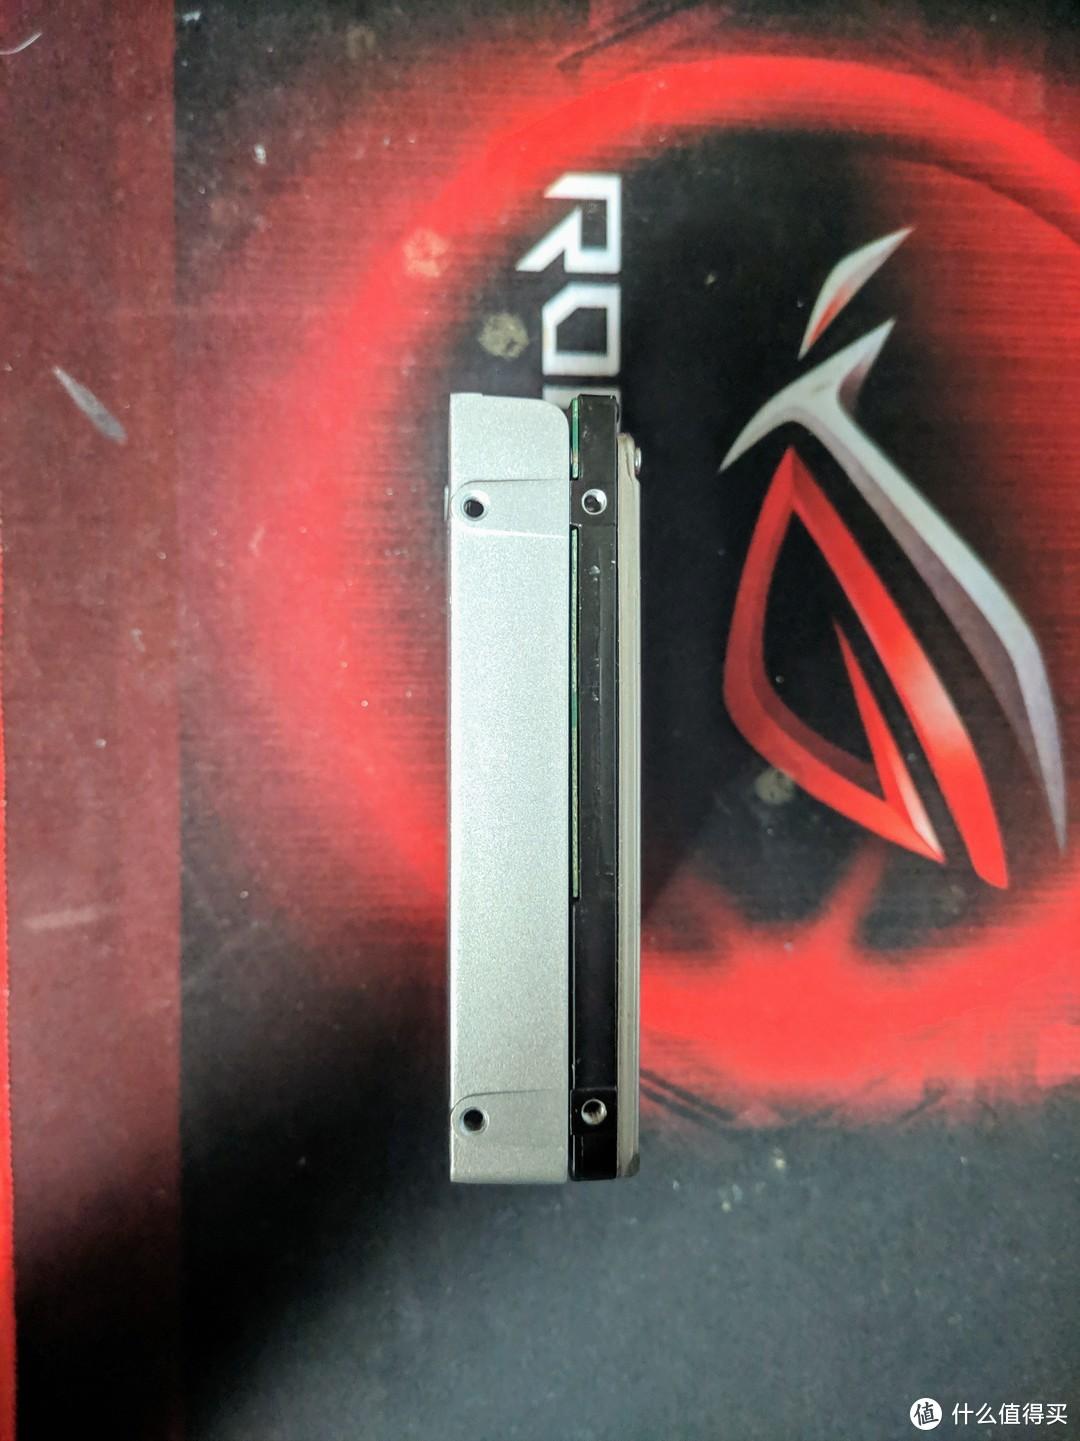 硬盘厚度对比